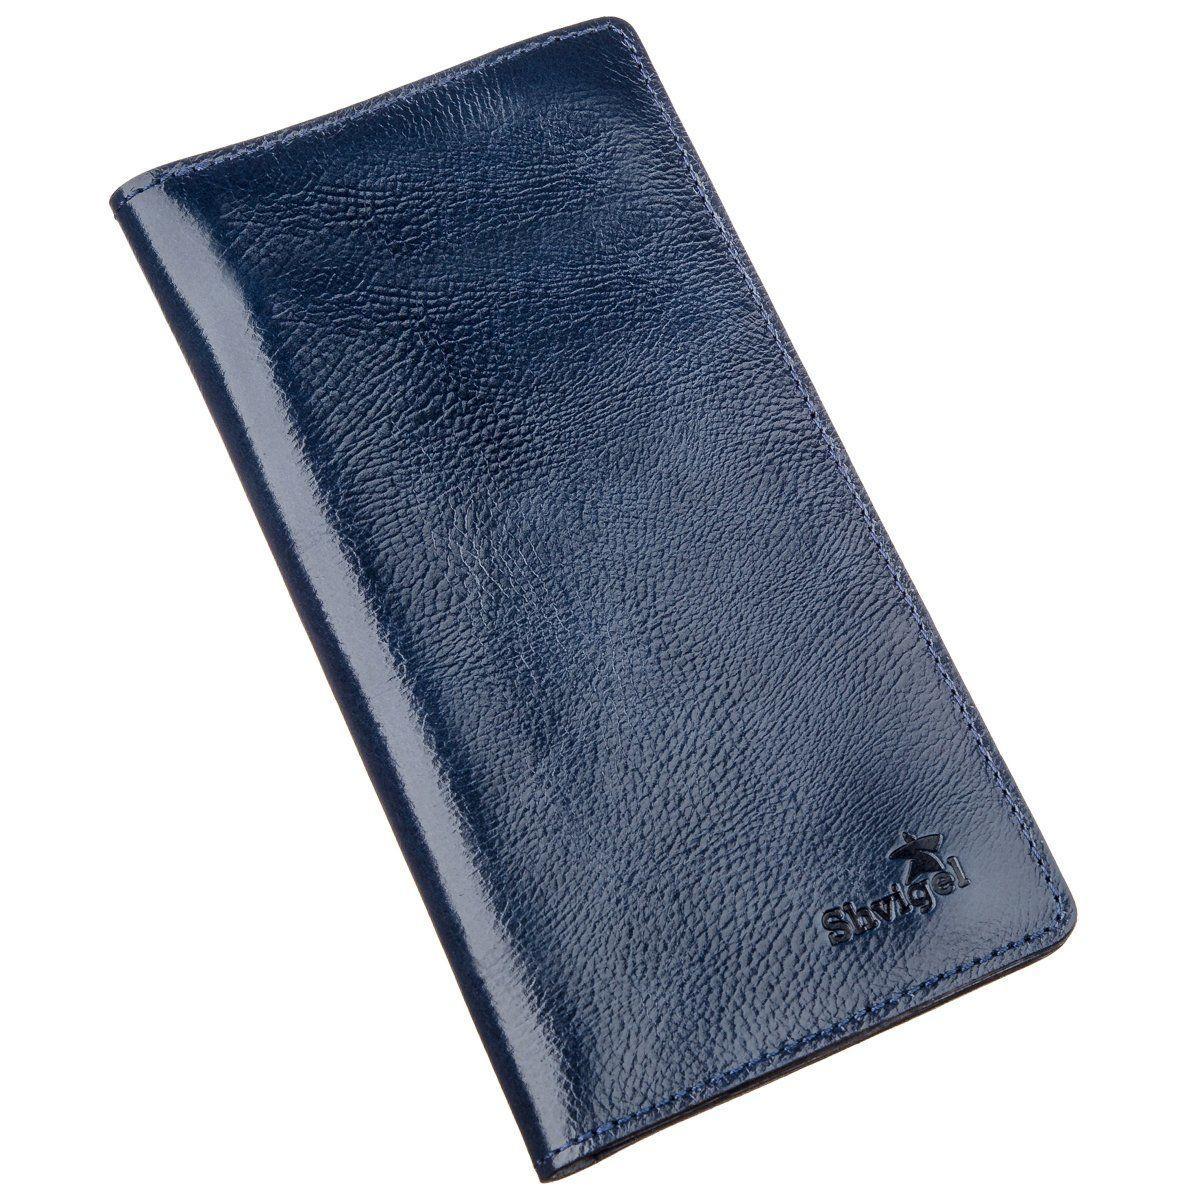 Бумажник Унисекс На Кнопках Кожаный Shvigel 16192 Синий, Синий